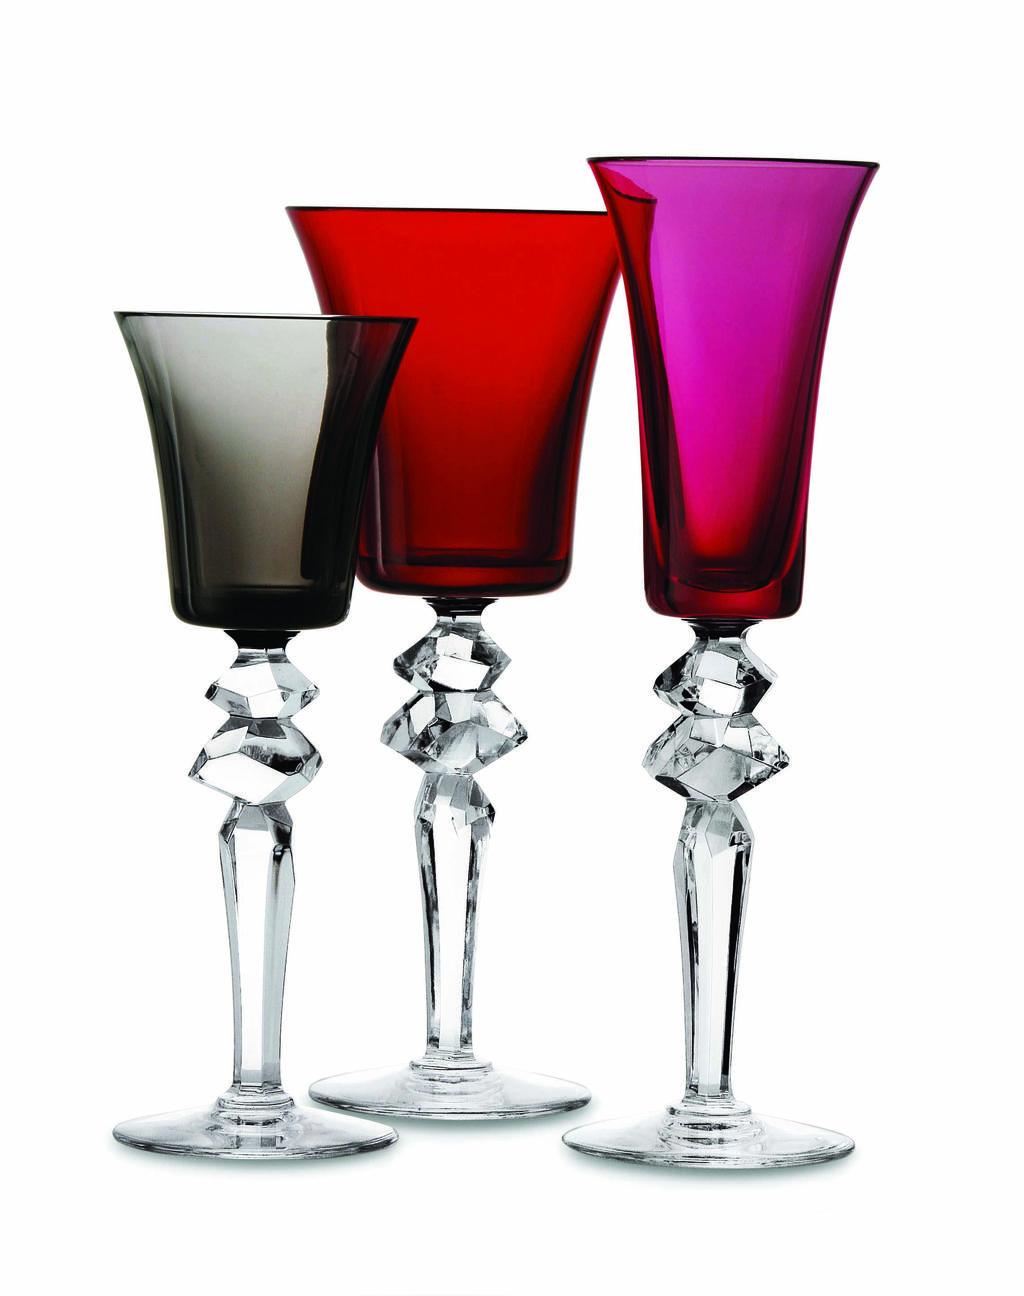 כמו יצירת אומנות על השולחן. גביעי יין קריסטל של חברת Saint Louis. RENBY